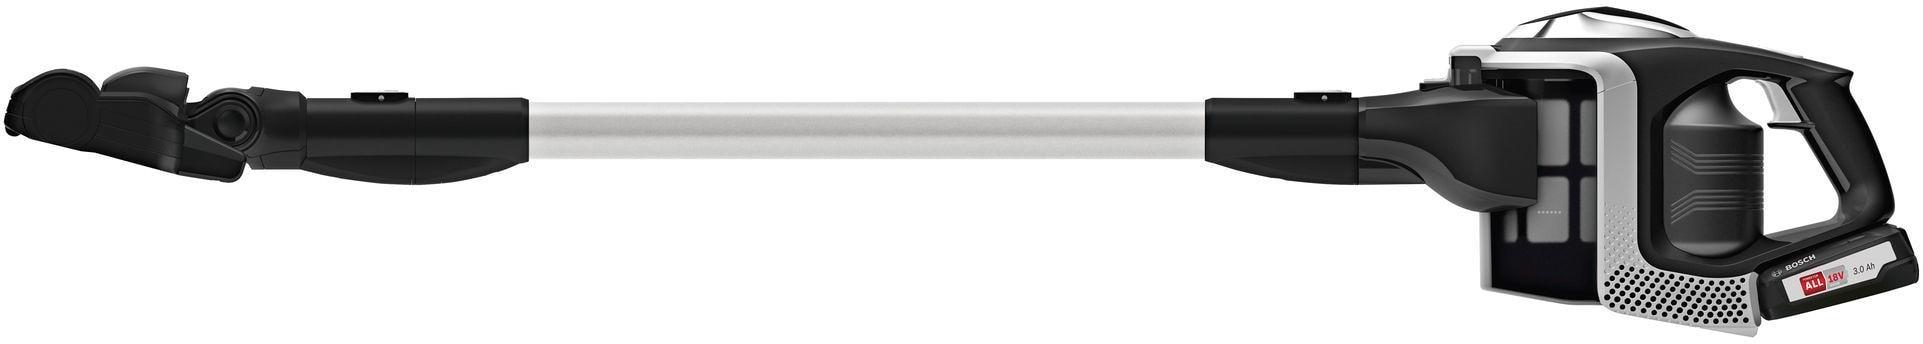 Bosch BBS811PCK Akku Handstaubsauger, wechselbarer Li Ion Akku 18V, Feinstaubfilter, schwarz